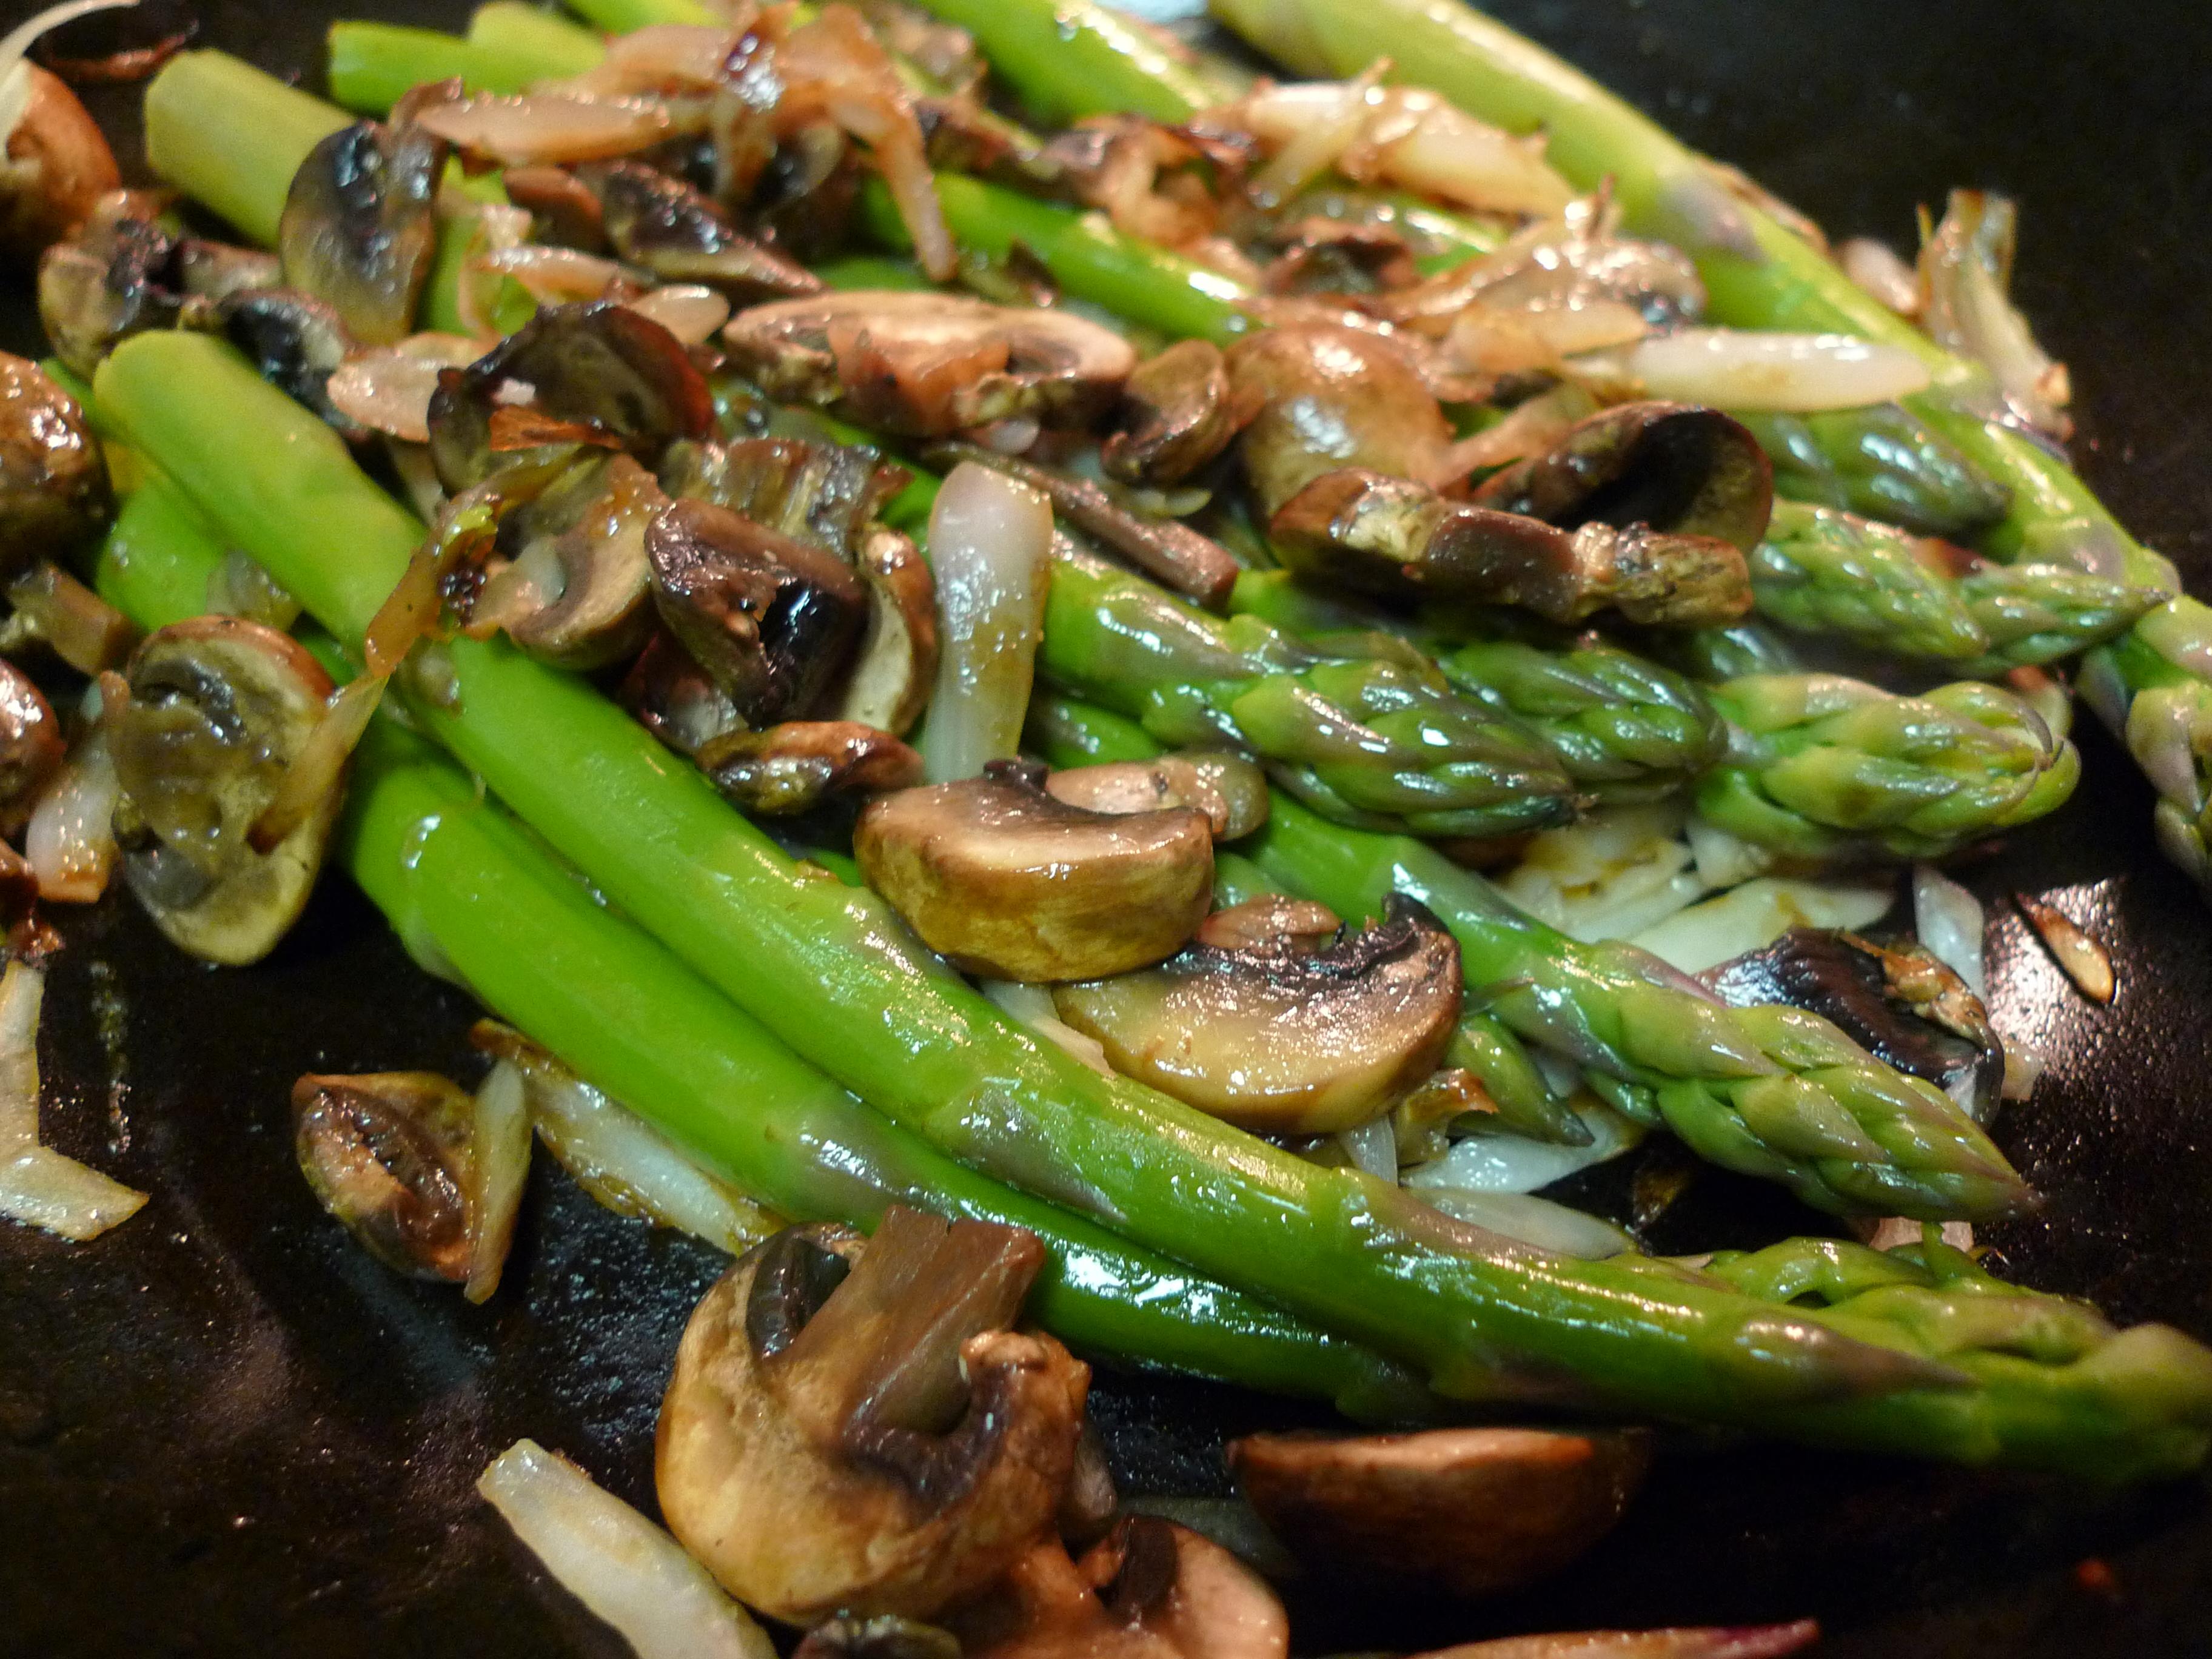 Sautéed Asparagus with Mushrooms | food comas